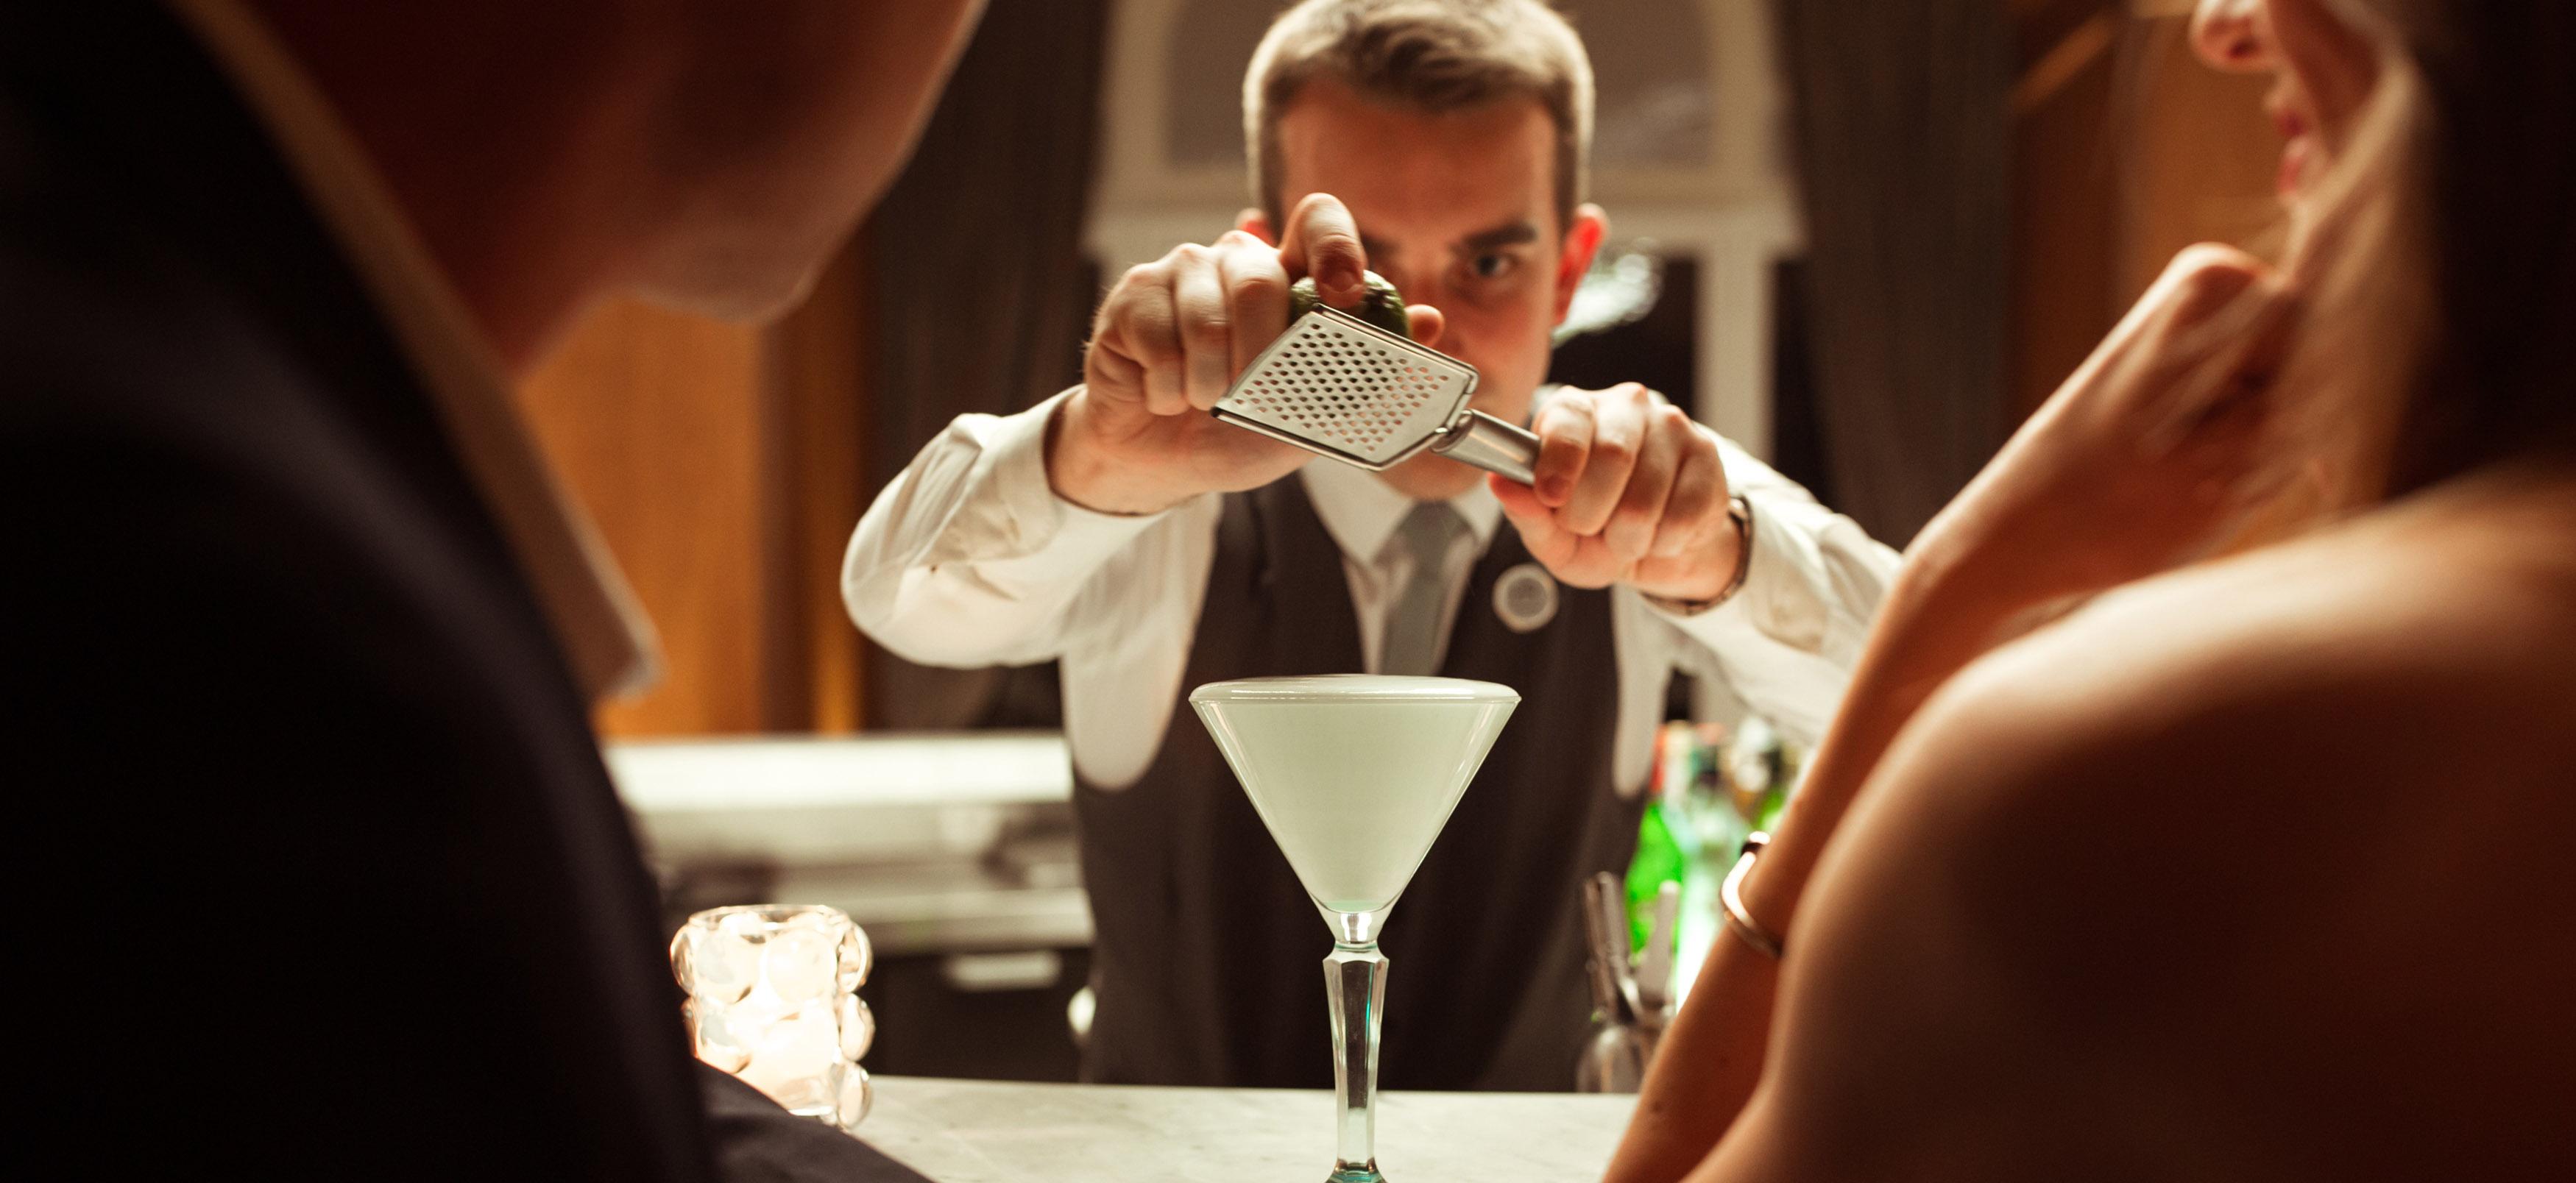 Bar evian d tente et convivialit dans les bars de l for Art de la table de luxe